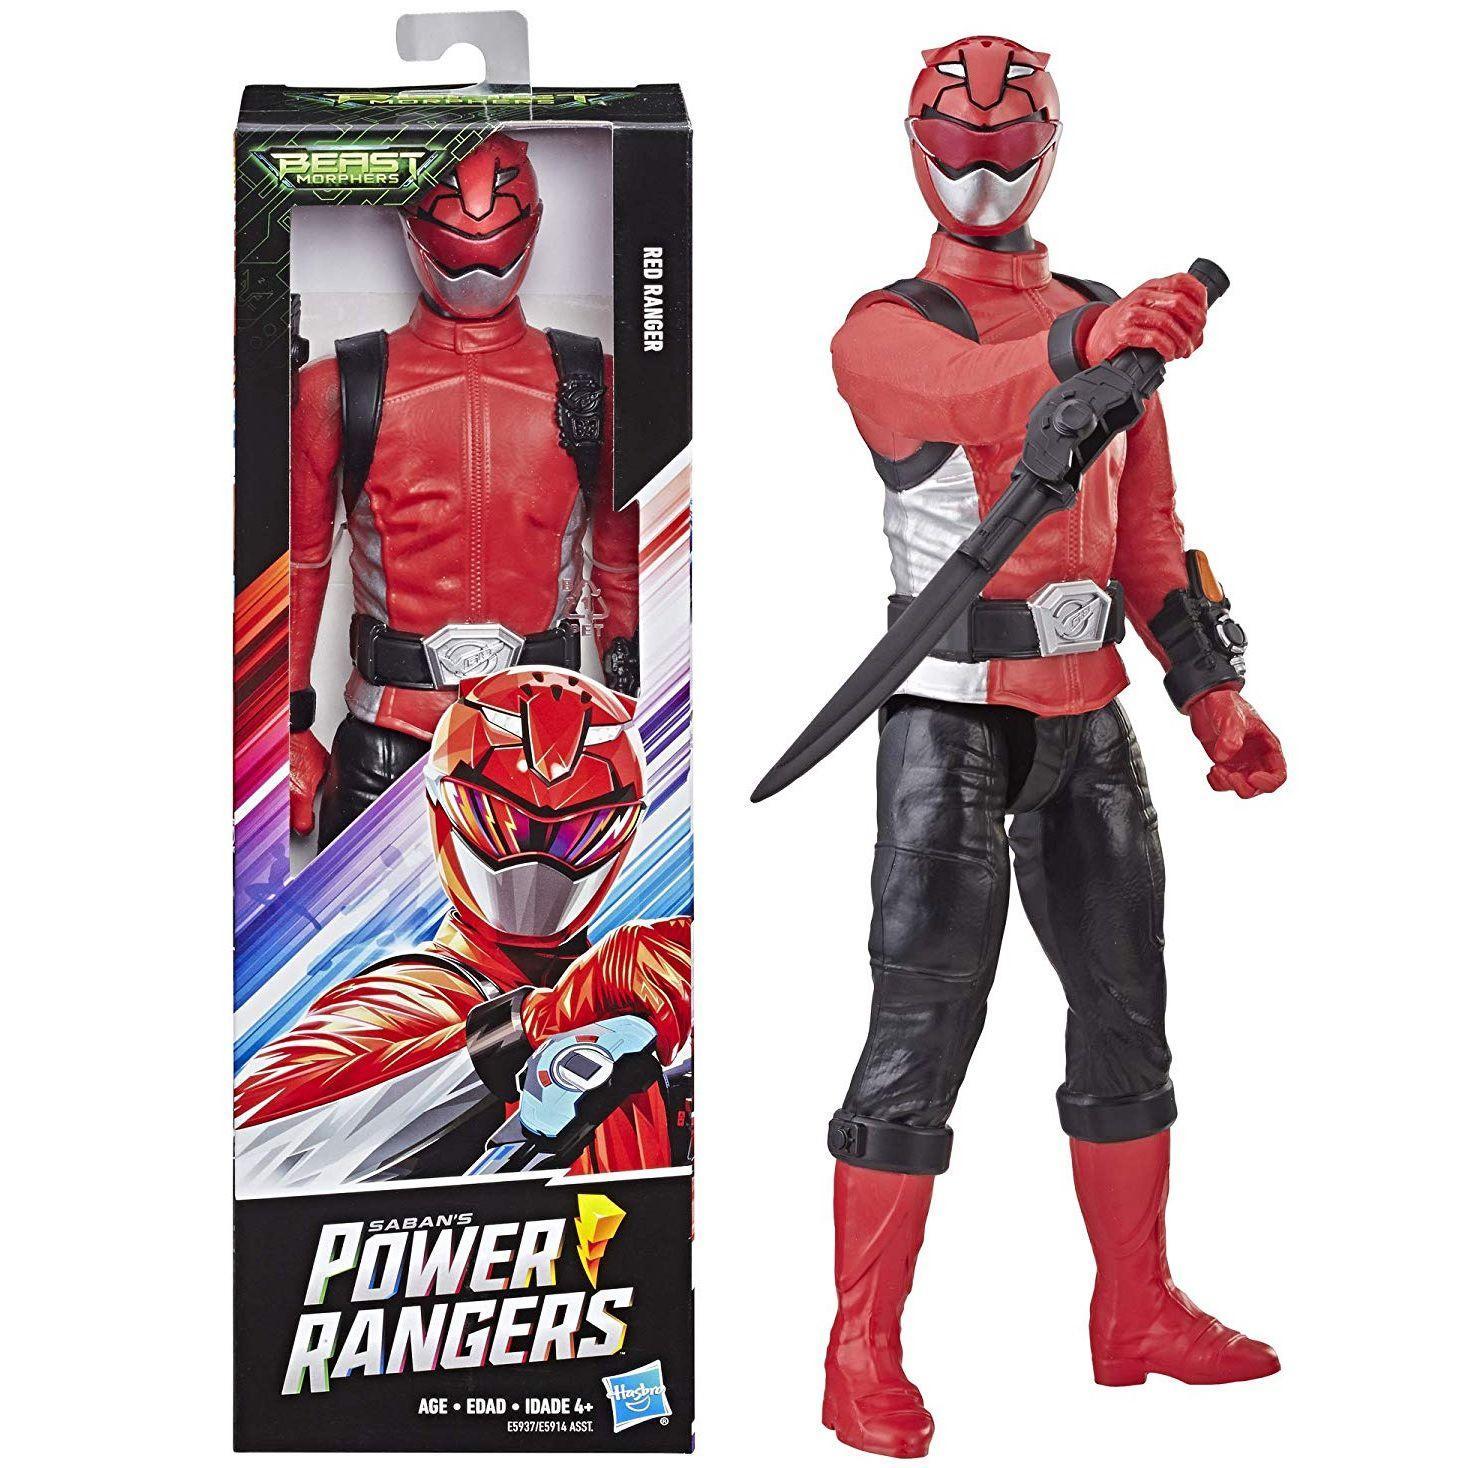 Power Rangers Beast Morphers Ranger Vermelho 30cm E5914 Hasbro